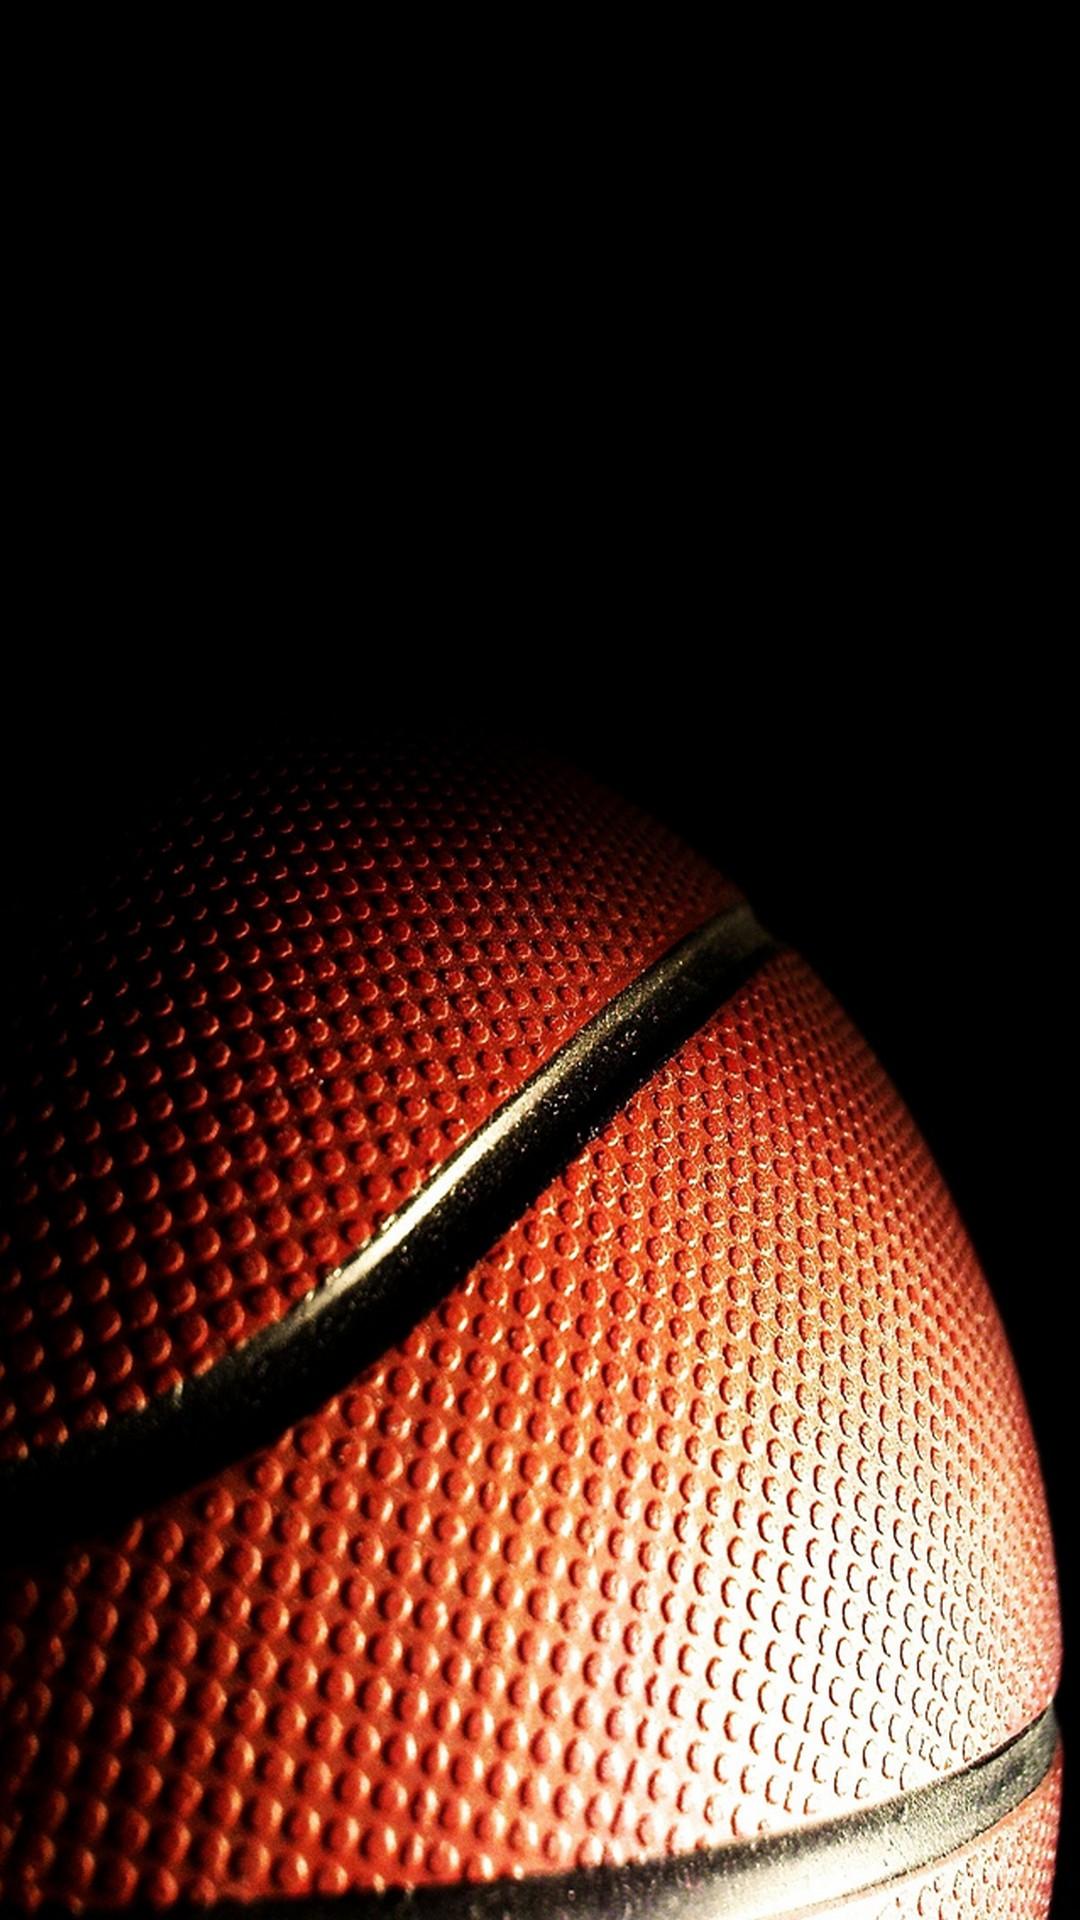 NBA iPhone 7 Wallpaper 2020 Basketball Wallpaper 1080x1920